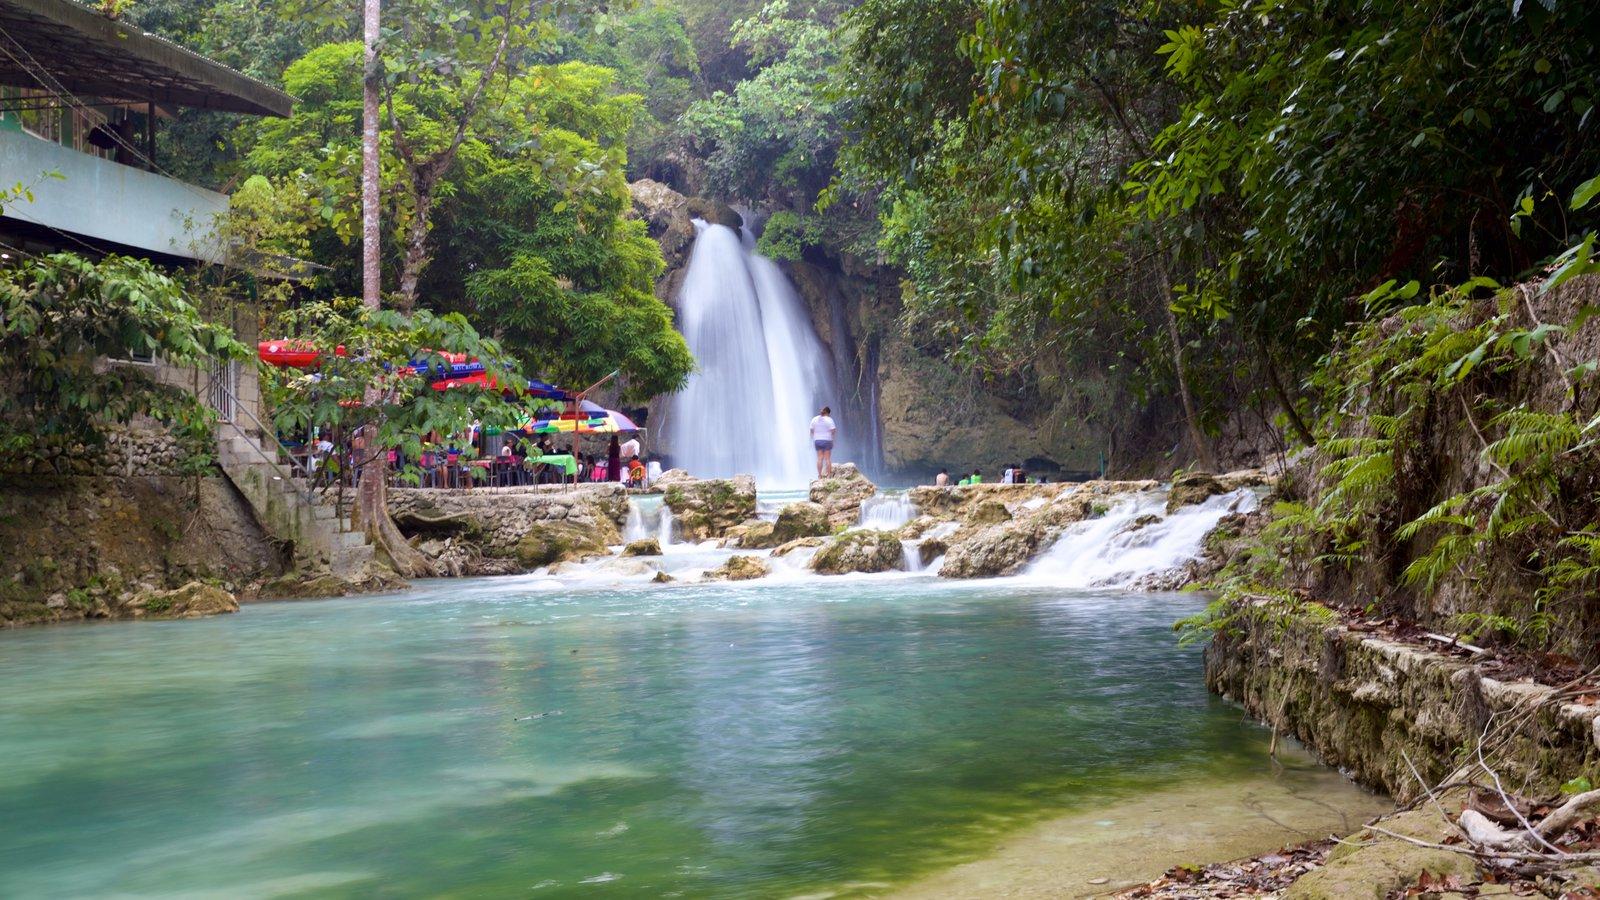 カワサン滝 表示 滝 と 湖あるいは泉